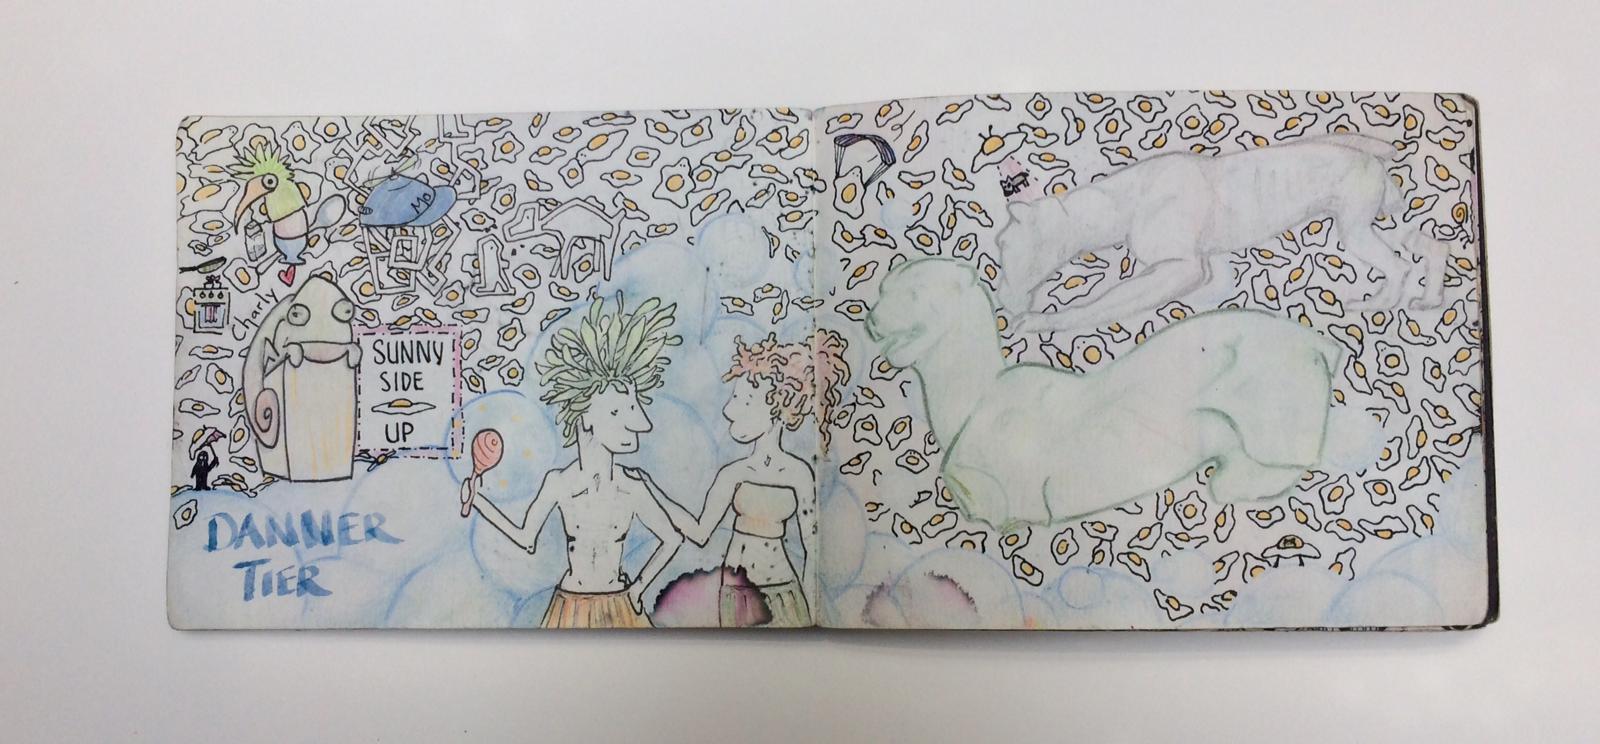 werkstatt-eden-lis-werner-illustration-skizzenbuch7